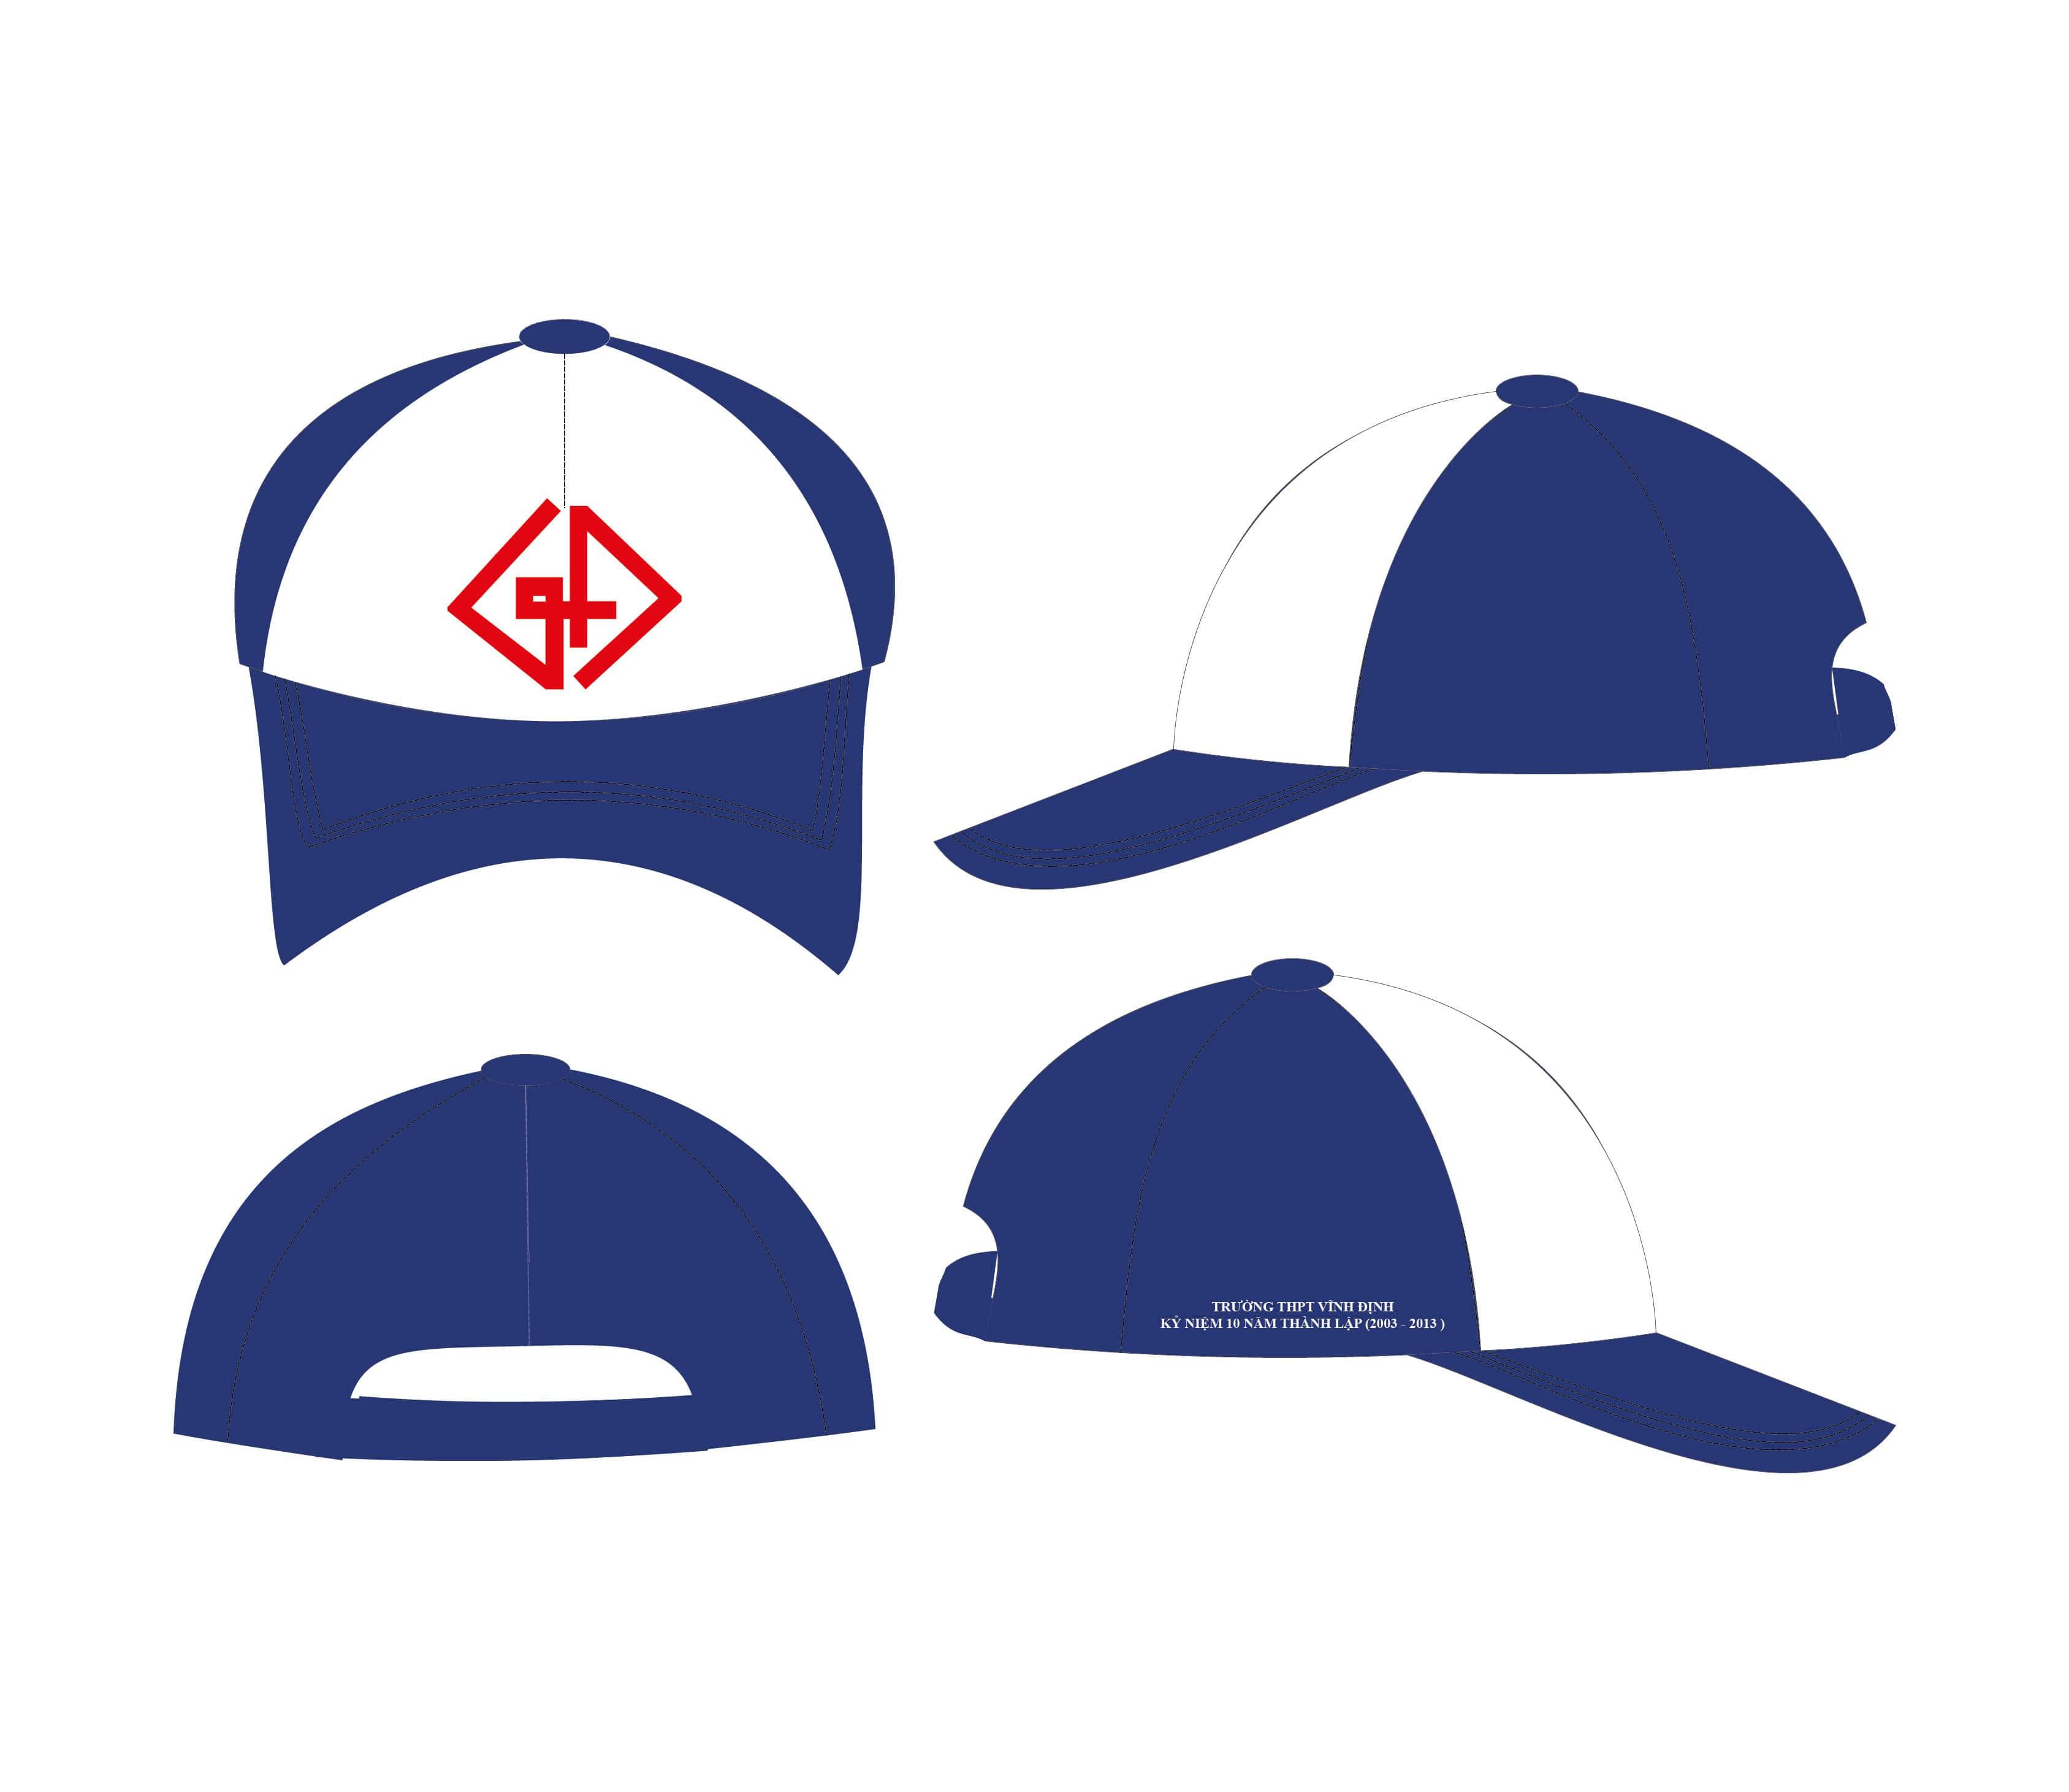 đặt nón theo yêu cầu